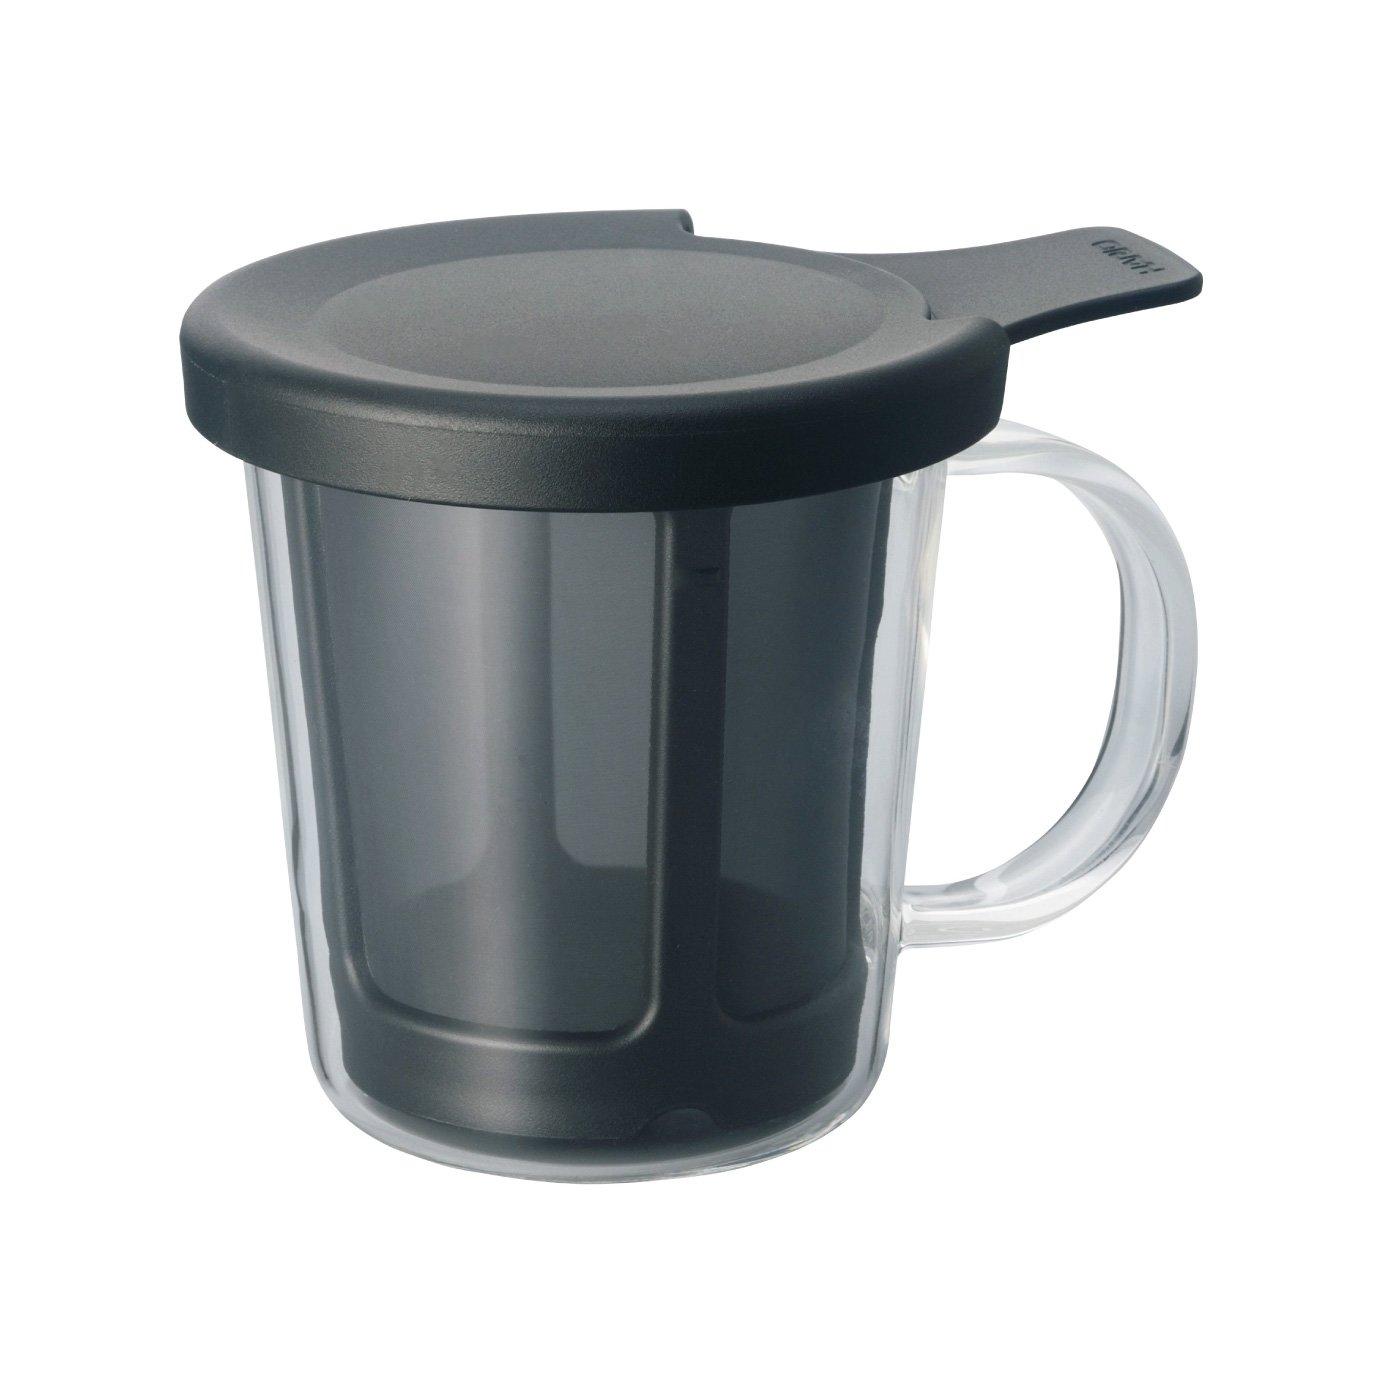 1杯分のコーヒーを手軽に HARIO ワンカップコーヒーメーカー